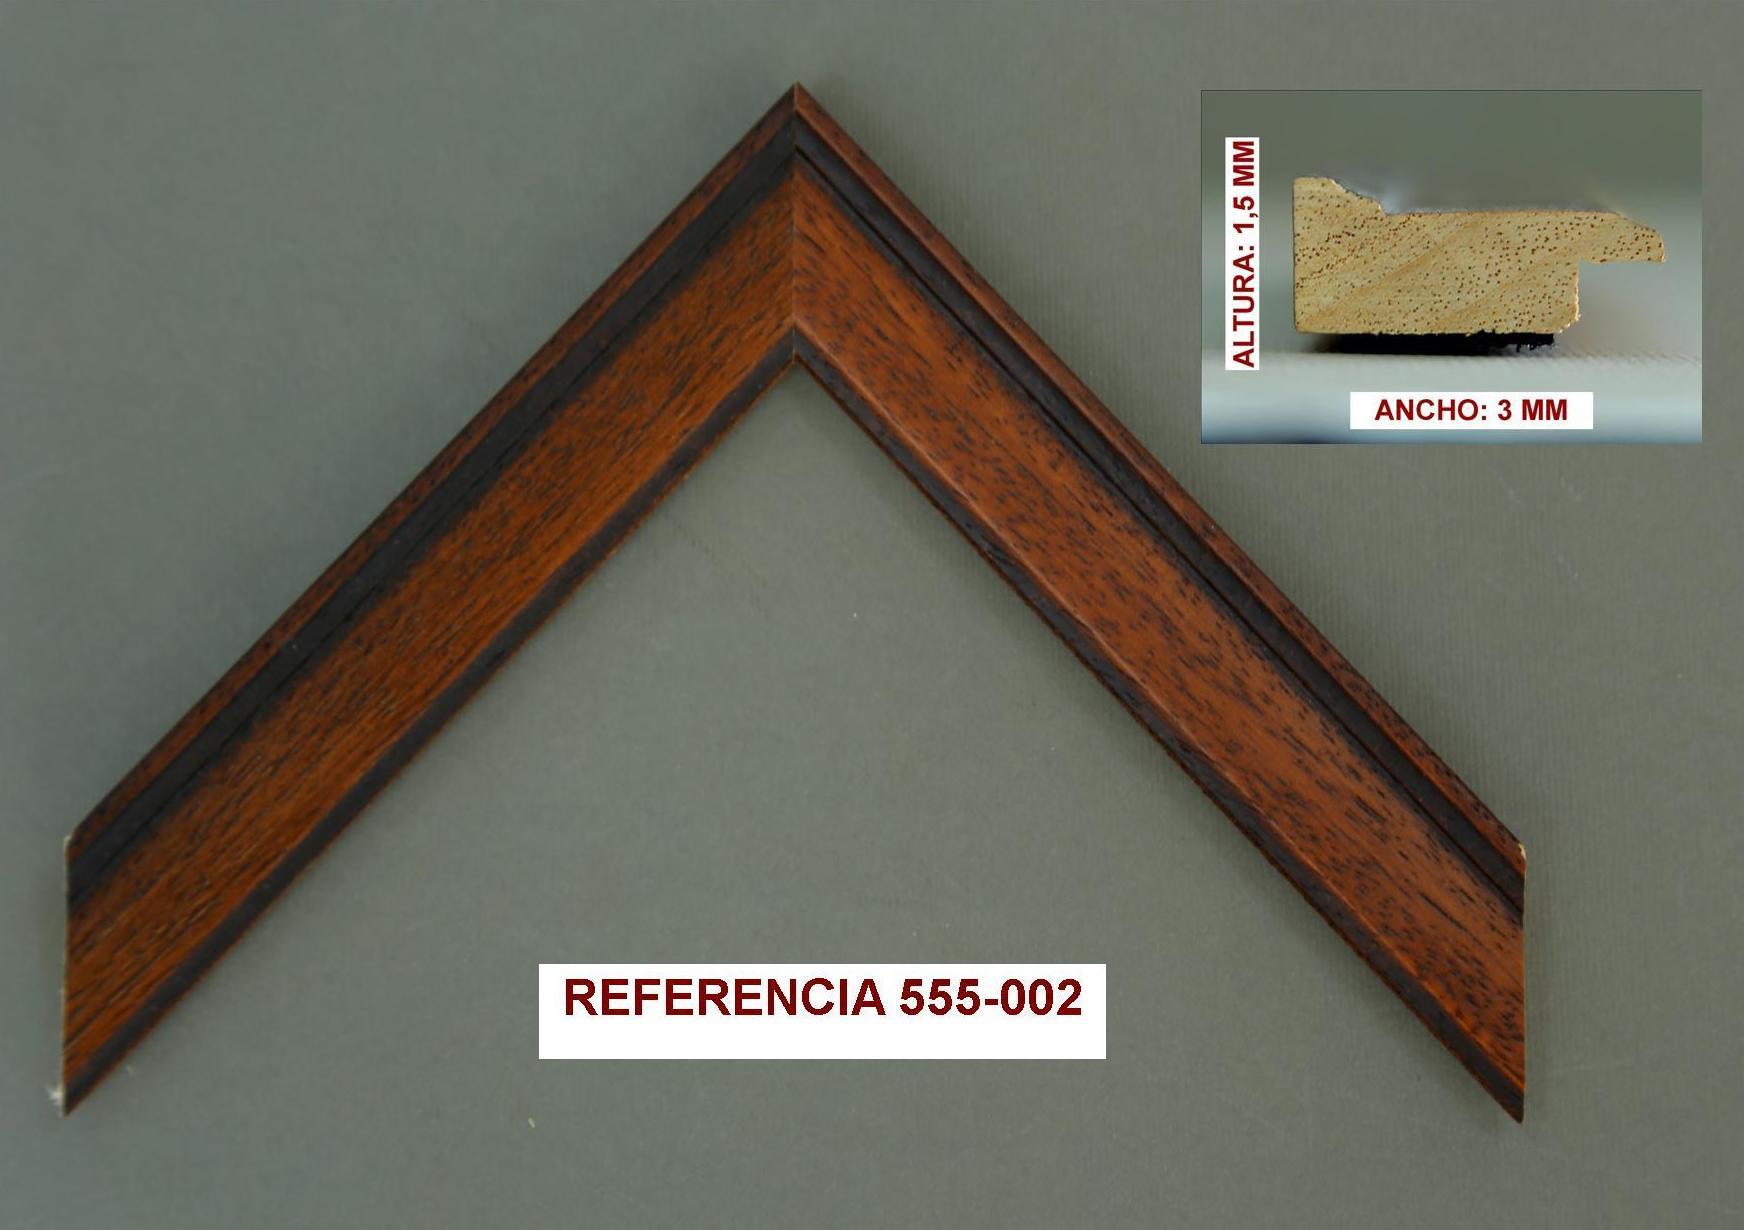 REF 555-002: Muestrario de Moldusevilla